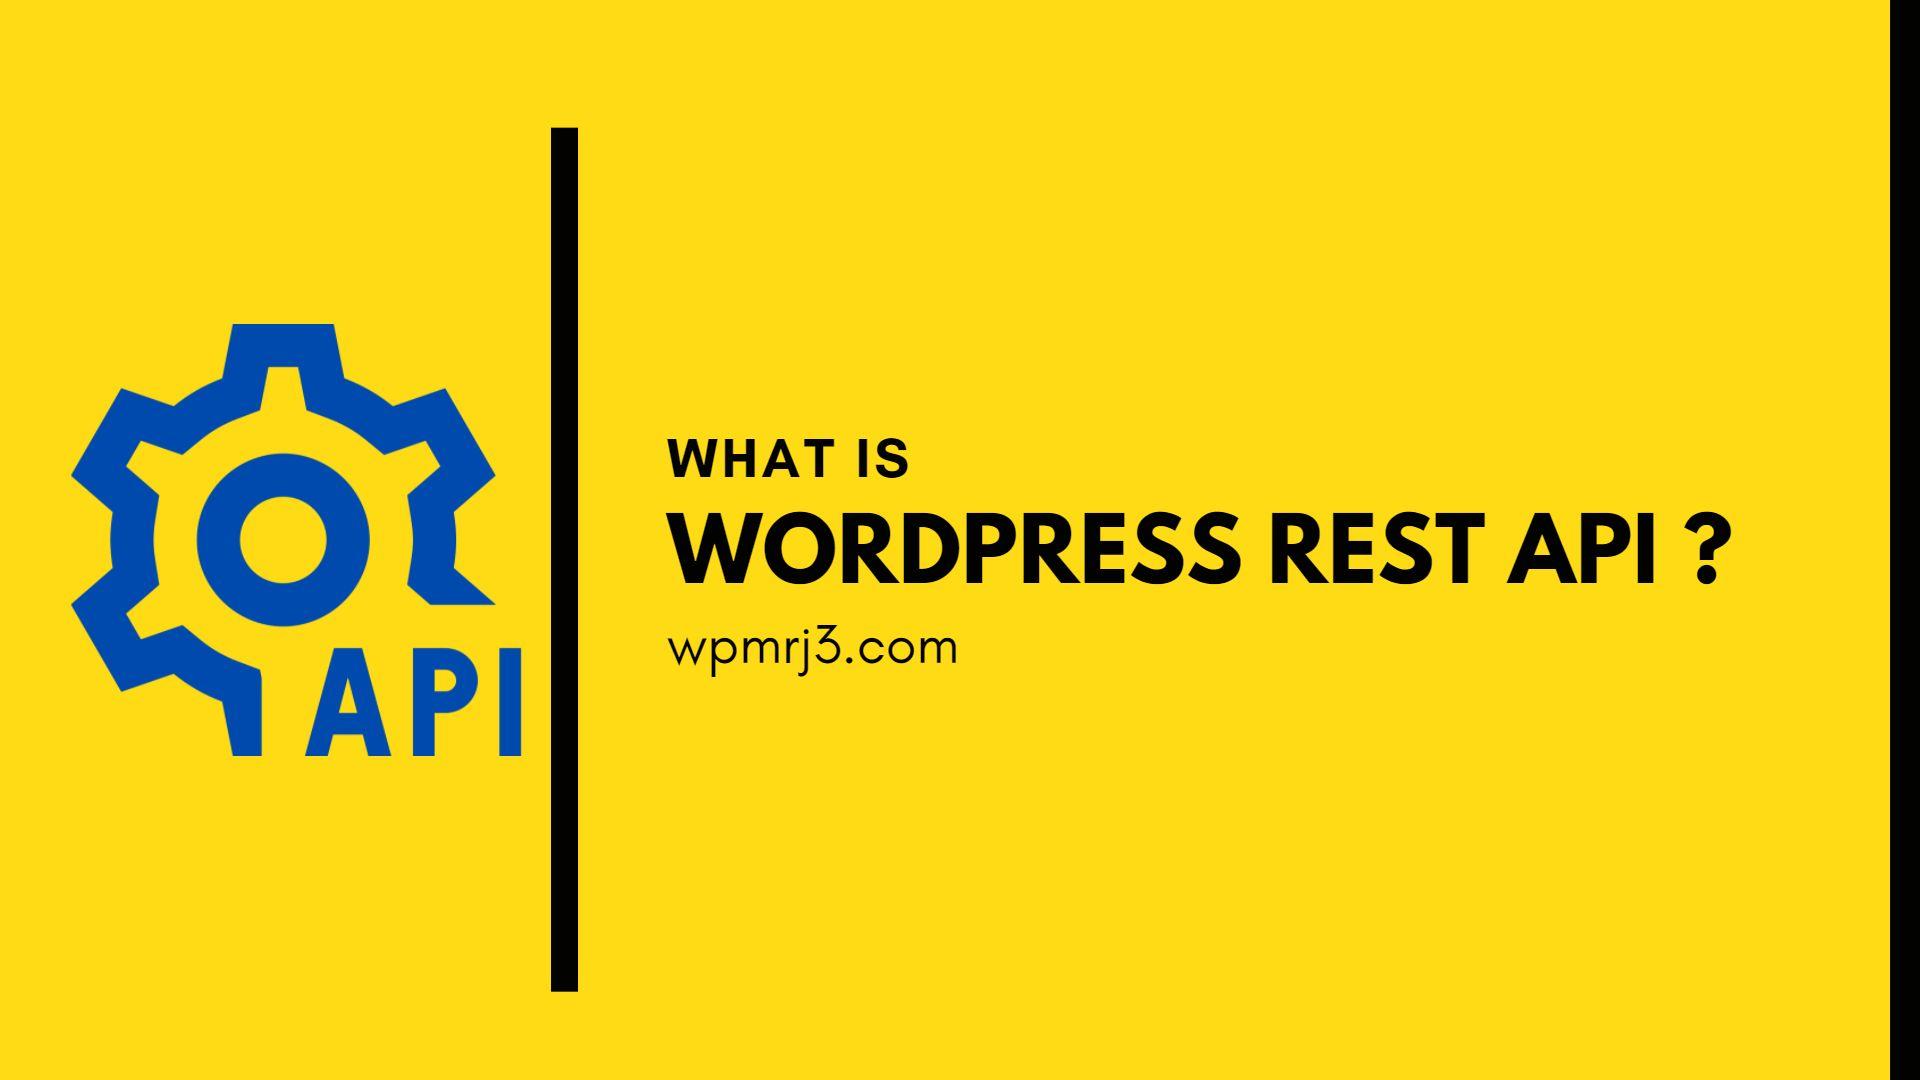 ما هو WordPress REST API؟ وكيف يمكن تعلم REST API من الصفر